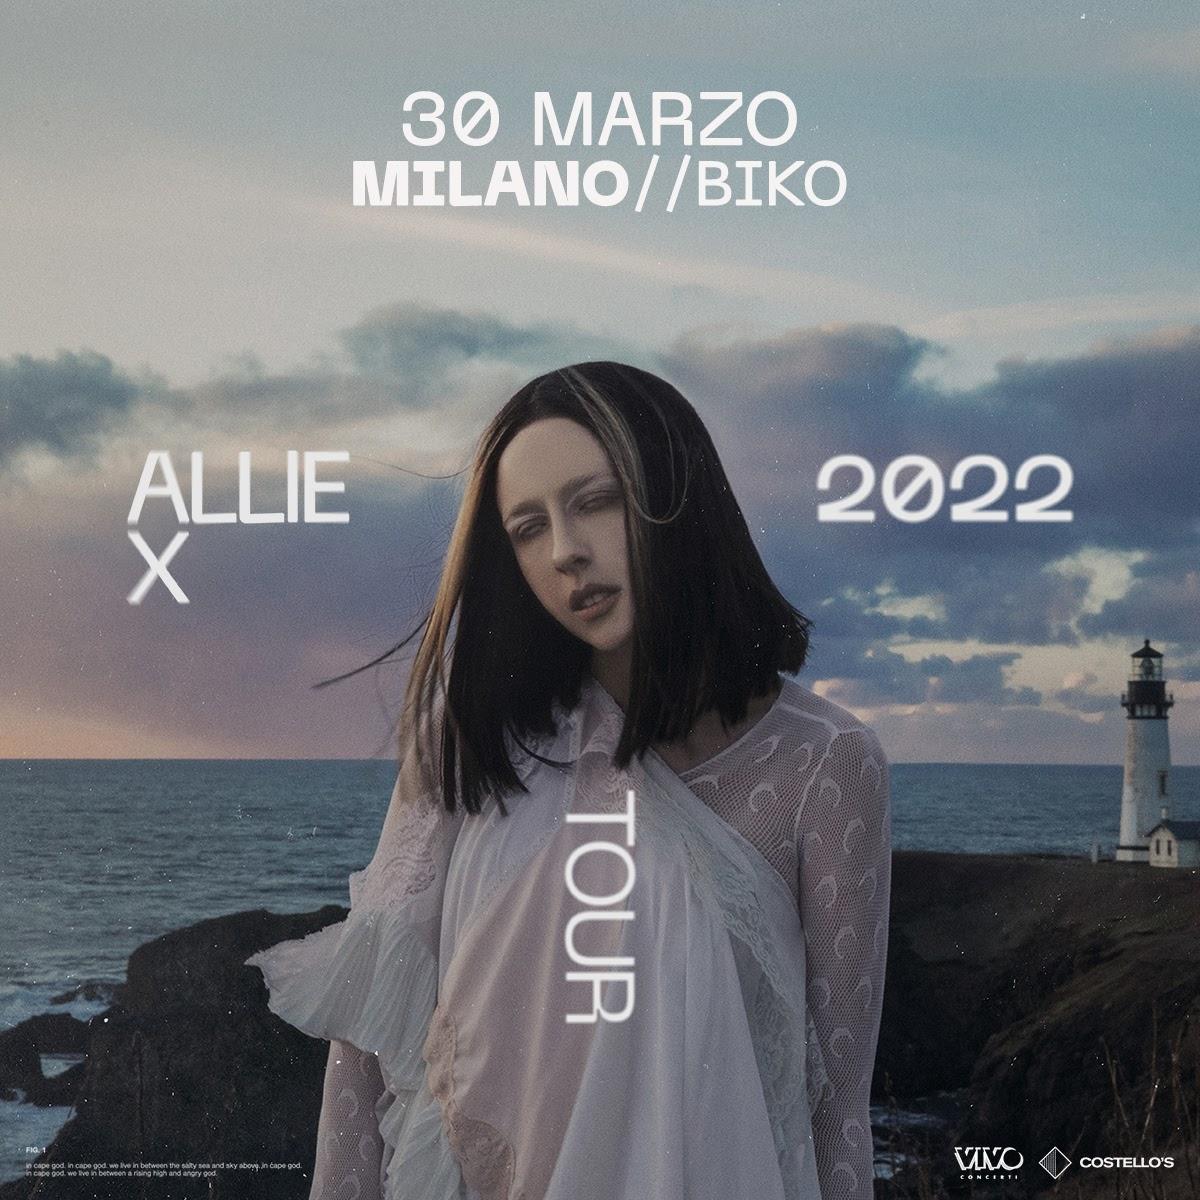 ALLIE X ANNUNCIA IL SUO CONCERTO A MILANO - 30 MARZO 2022 BIKO